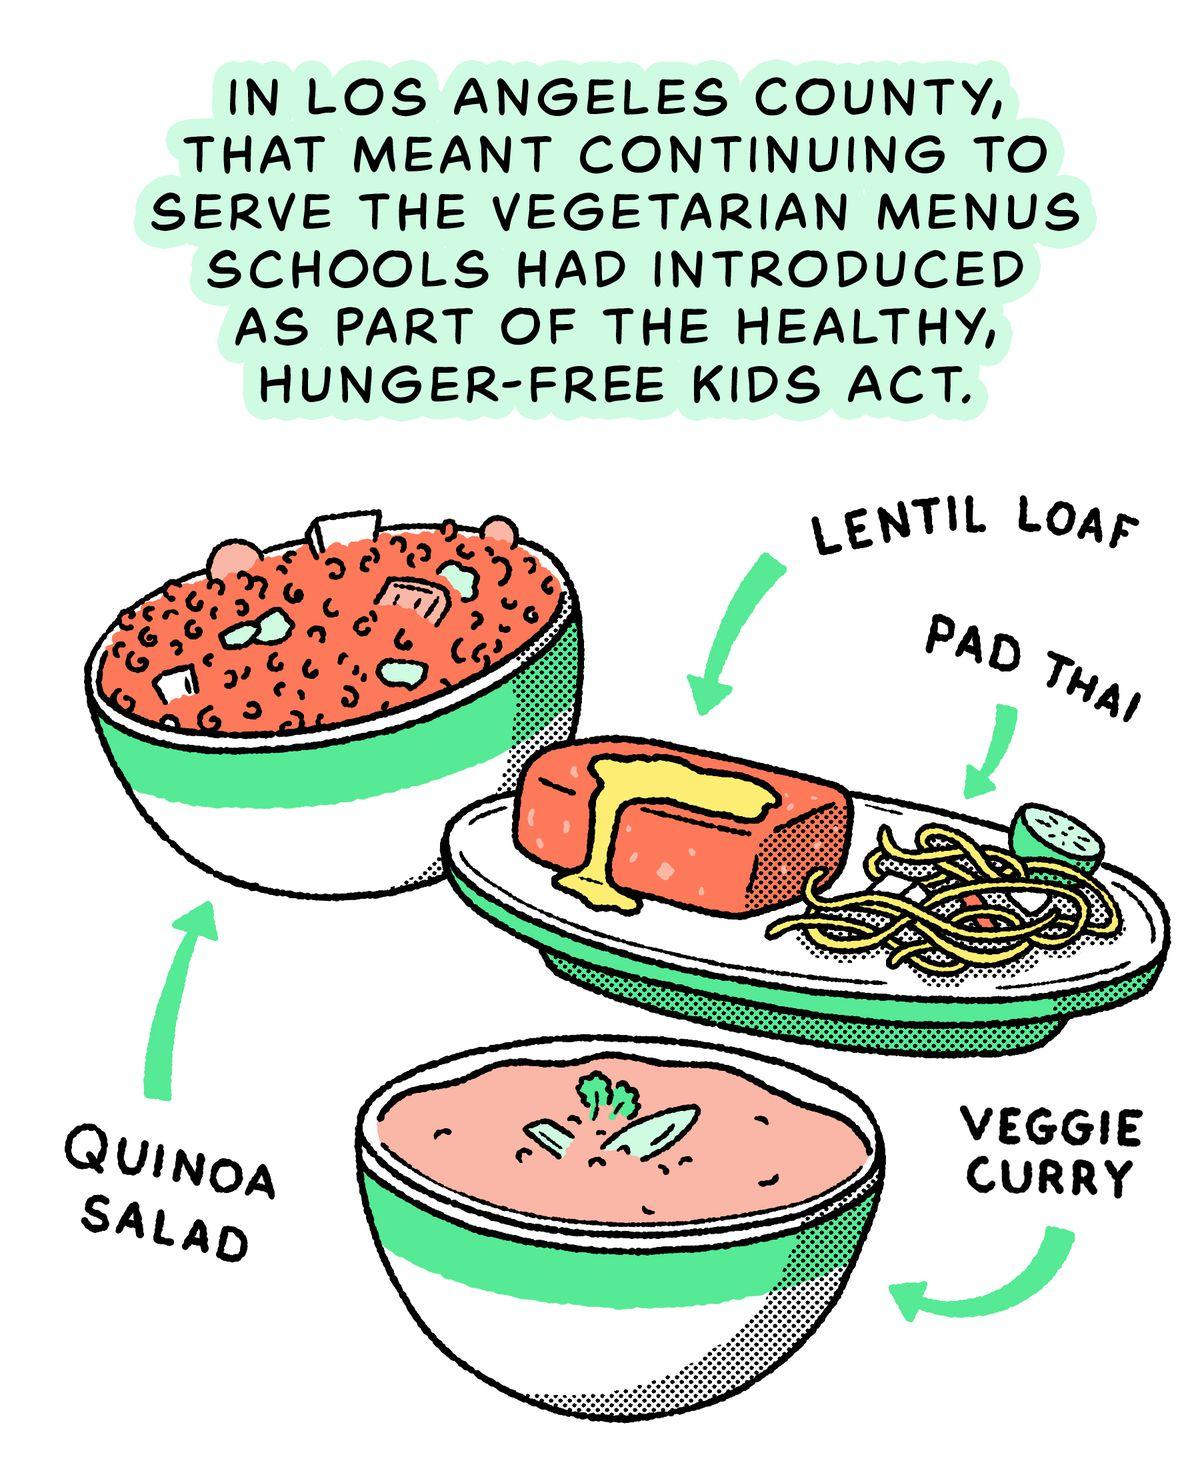 Salade de quinoa, escalopes de lentilles, pad thaï, curry de légumes : dans le comté de Los Angeles, cela signifiait continuer à servir les menus végétariens qu'ils avaient introduits dans le cadre du Healthy Hunger-Free Kids Act.